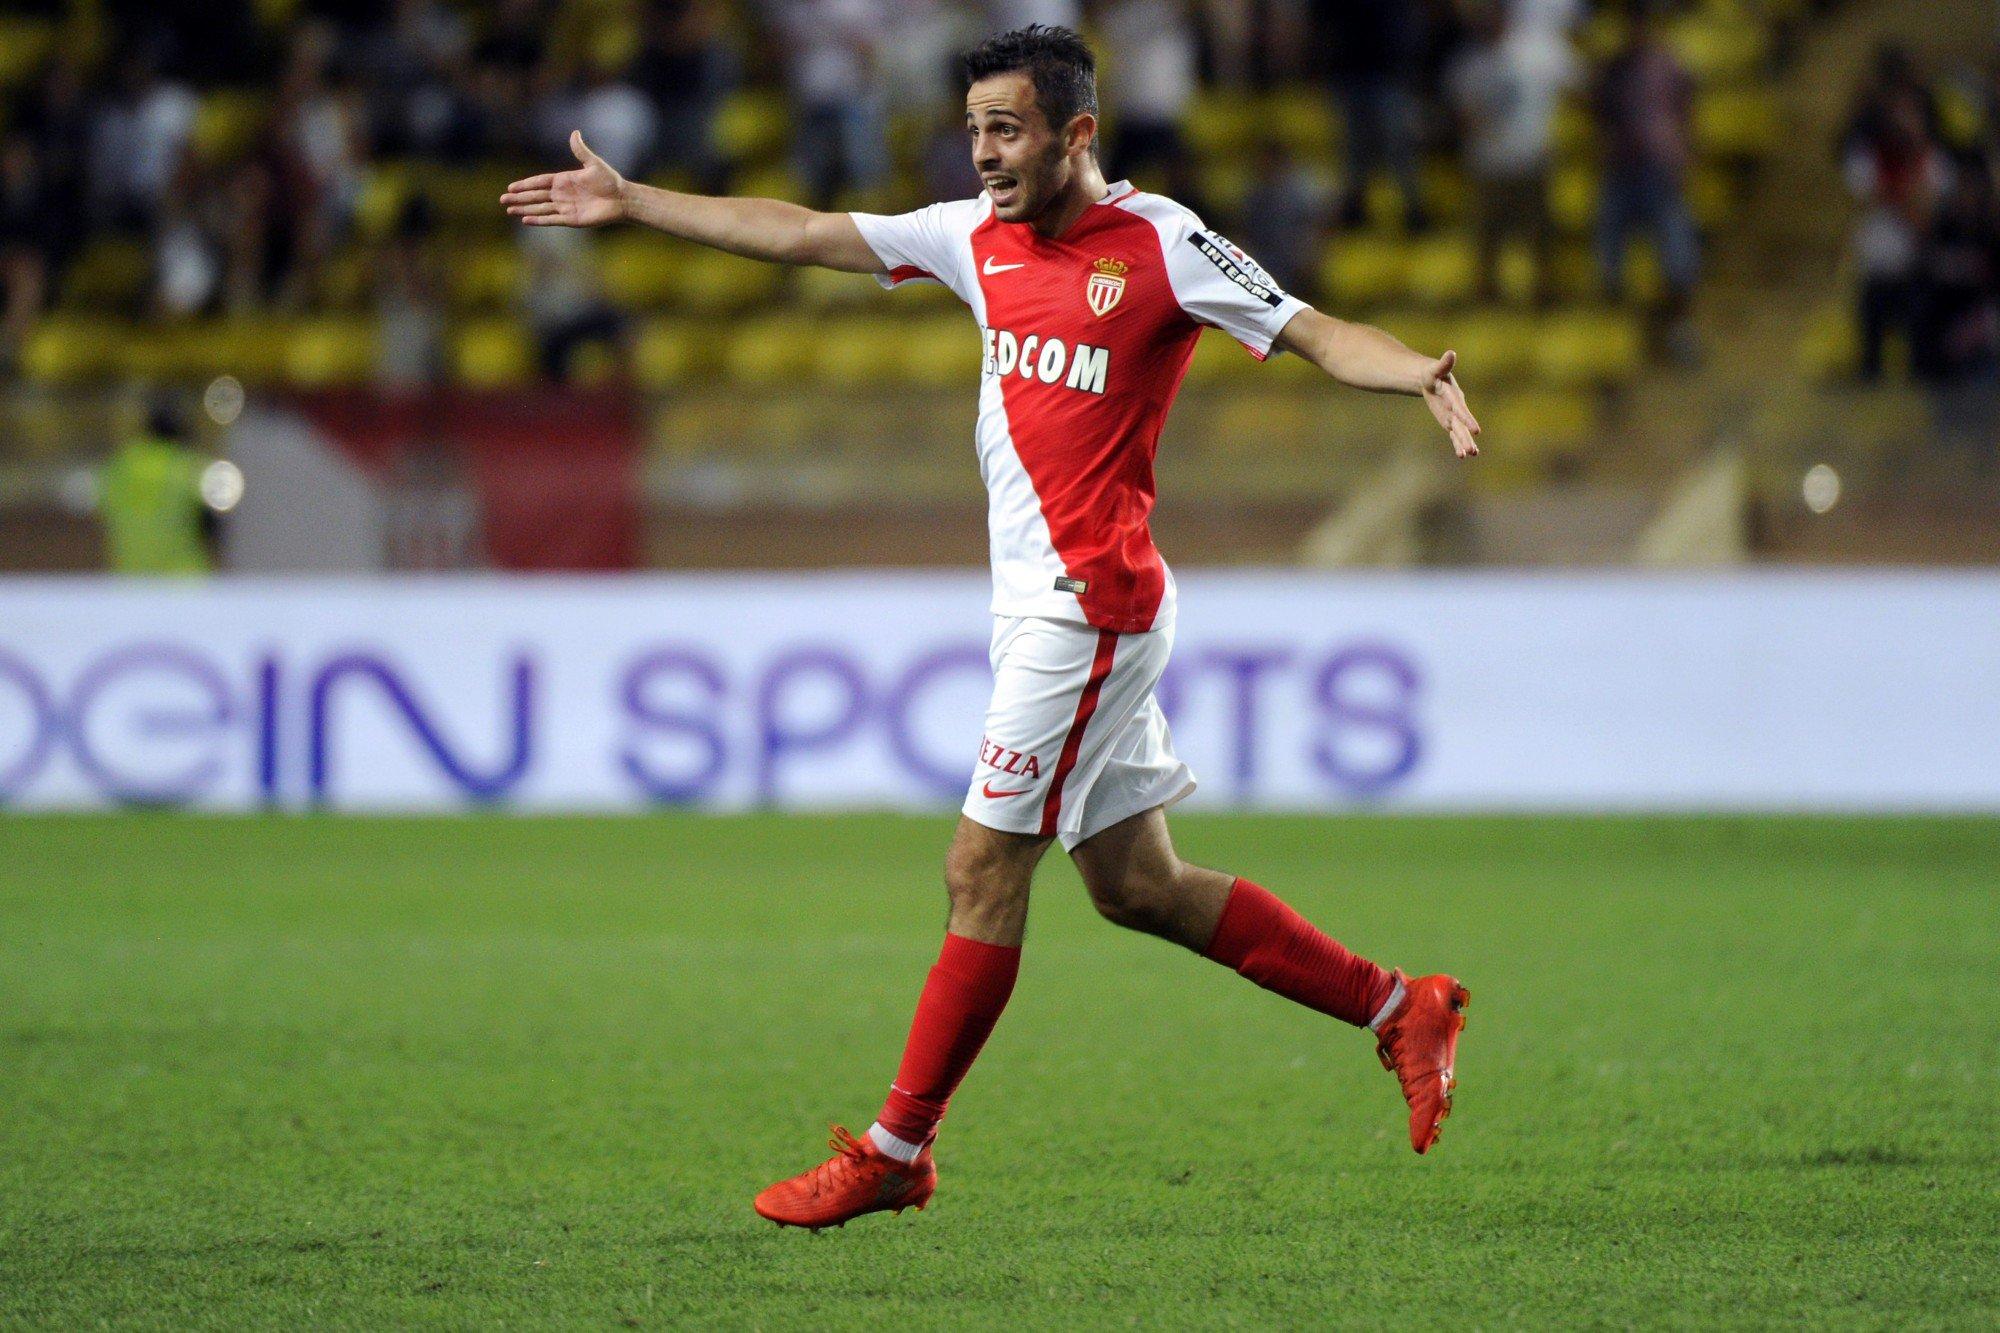 Ligue 1 - L'AS Monaco gagne encore et laisse peu de place à l'espoir du PSG.jpg